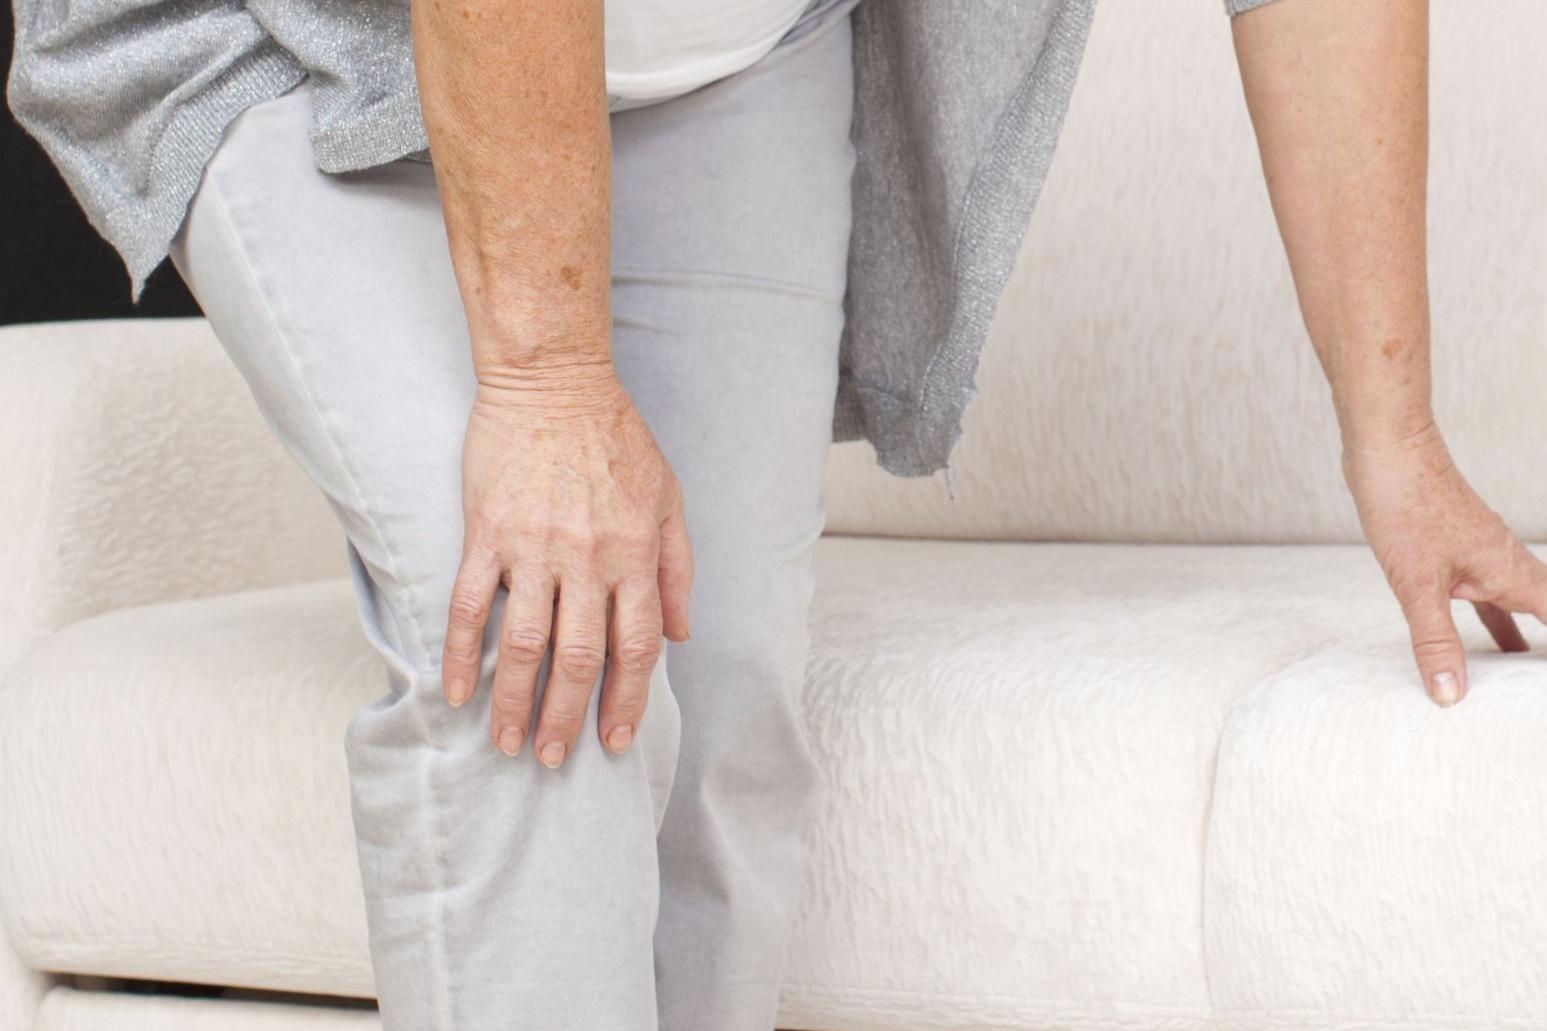 صورة علاج الروماتيزم , طرق التخلص من الروماتيزم